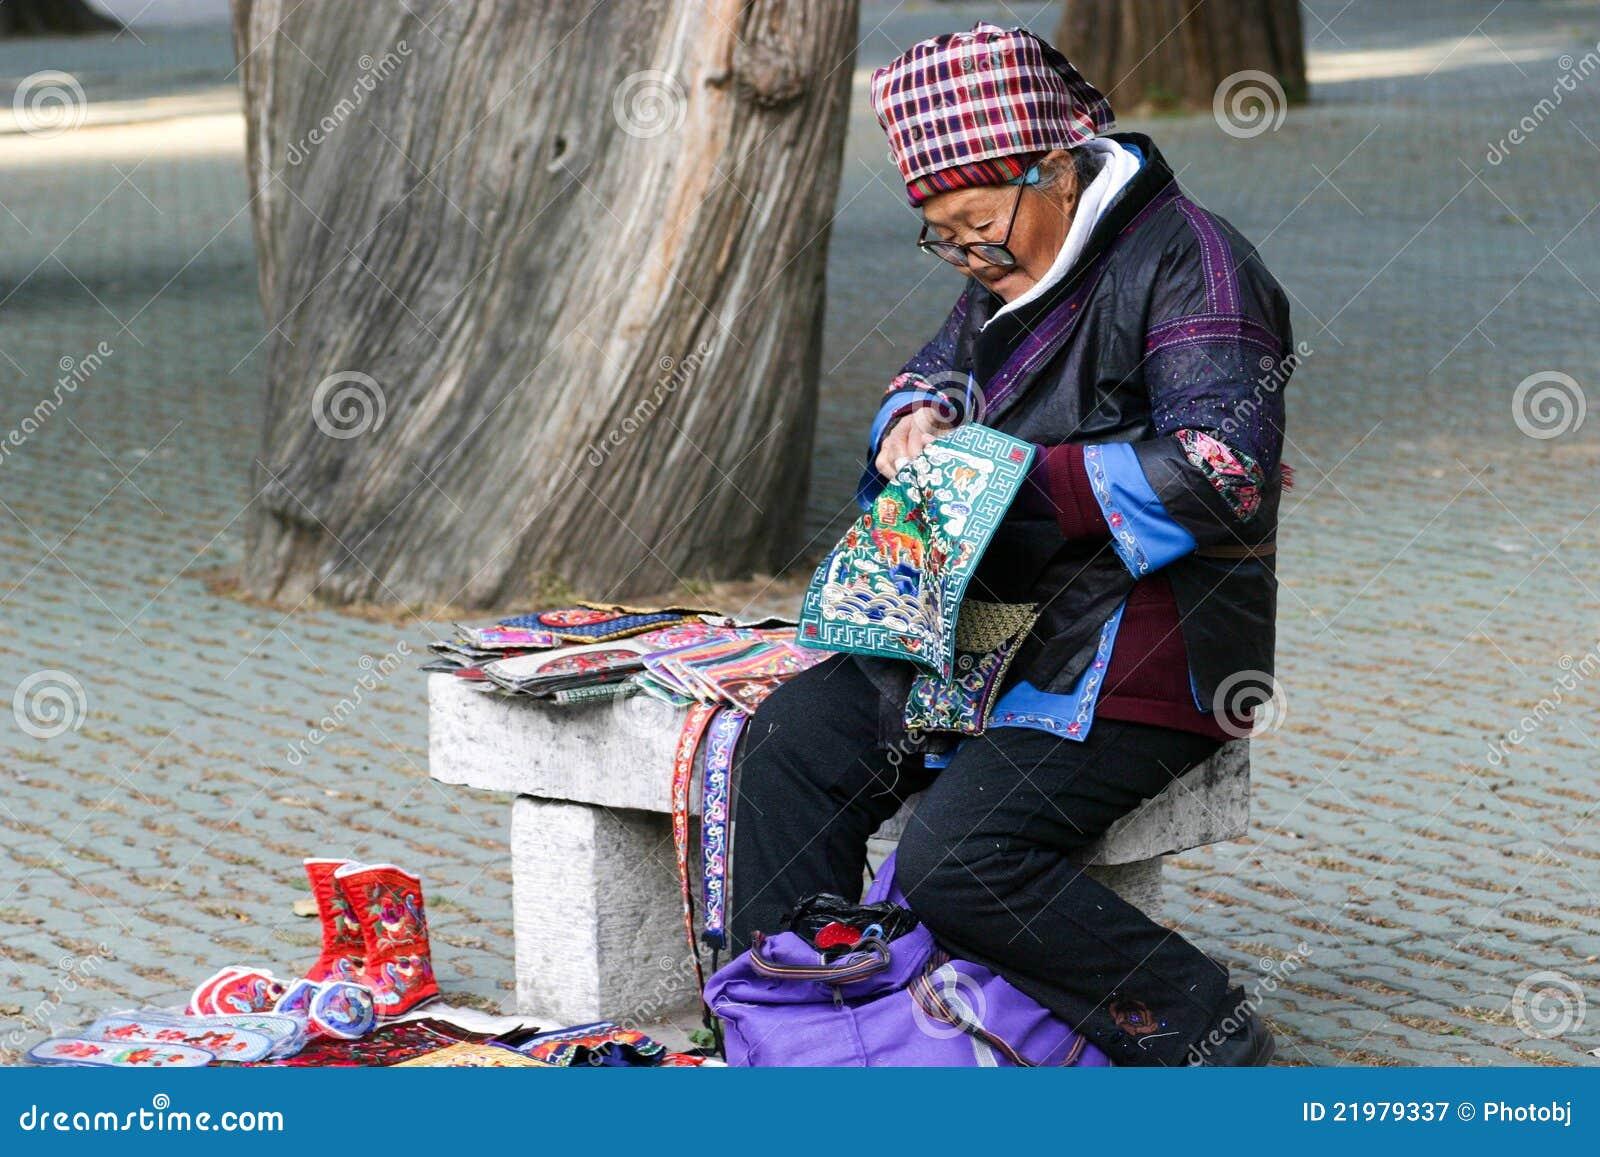 L 39 anziana che indossa vestiti etnici fotografia editoriale for Vestiti etnici